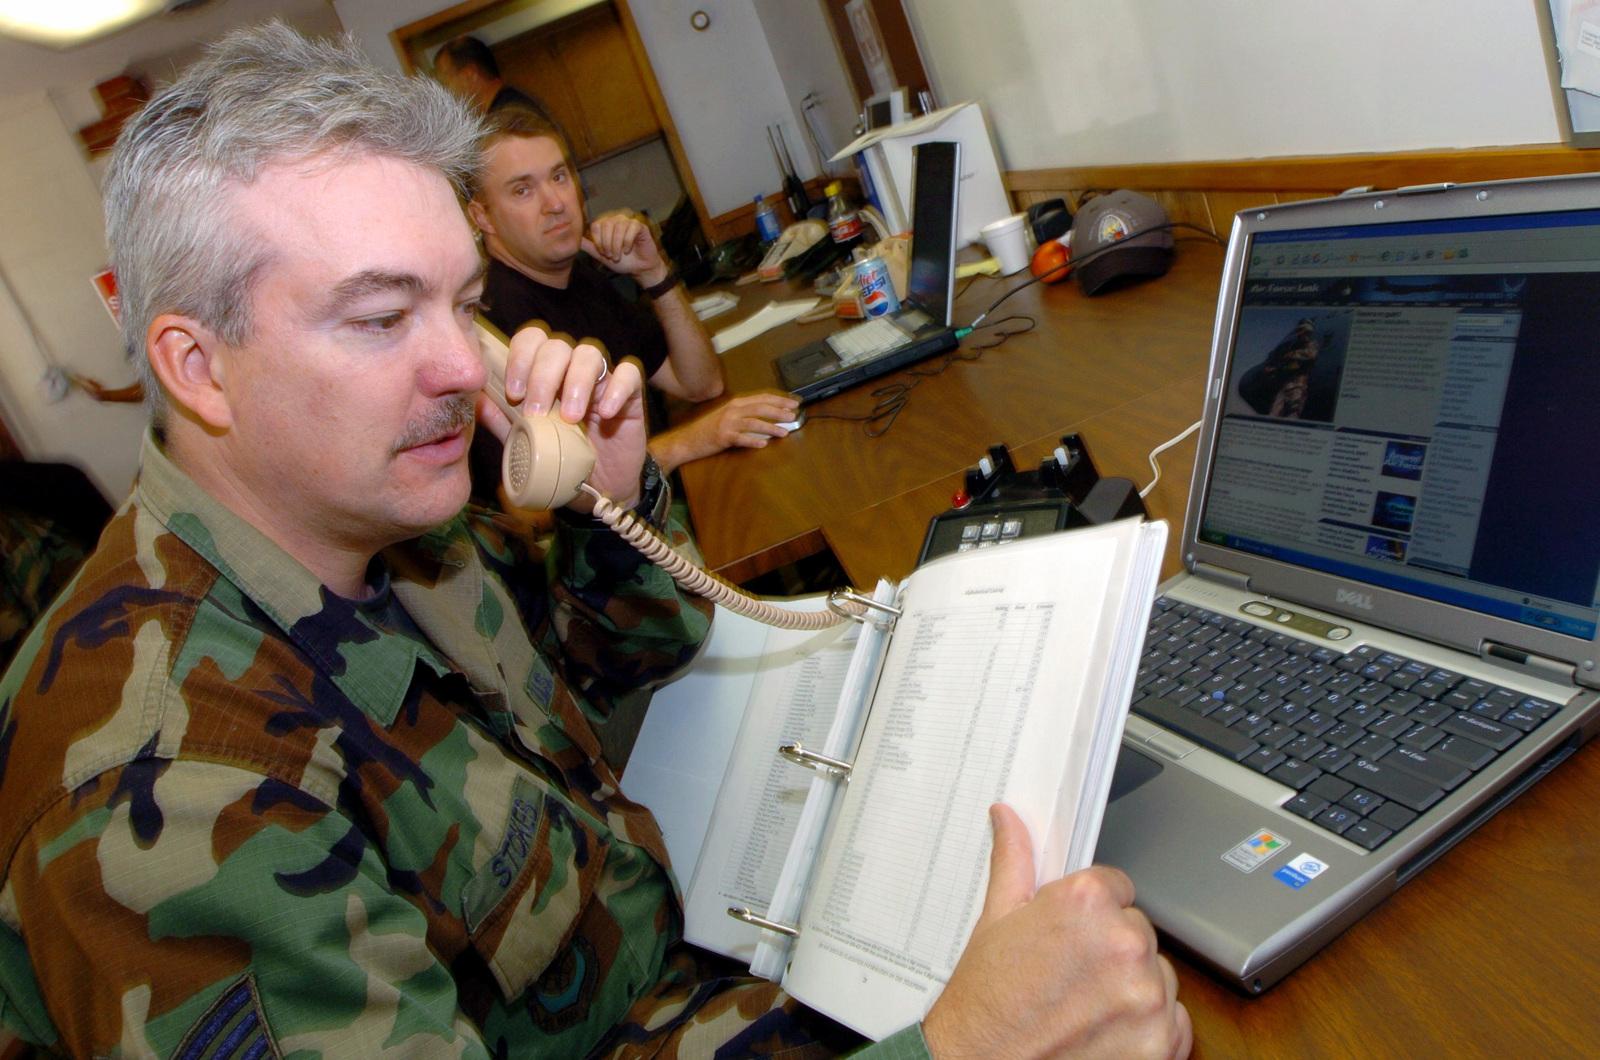 North Carolina Air National Guard (NCANG) Technical Sergeant